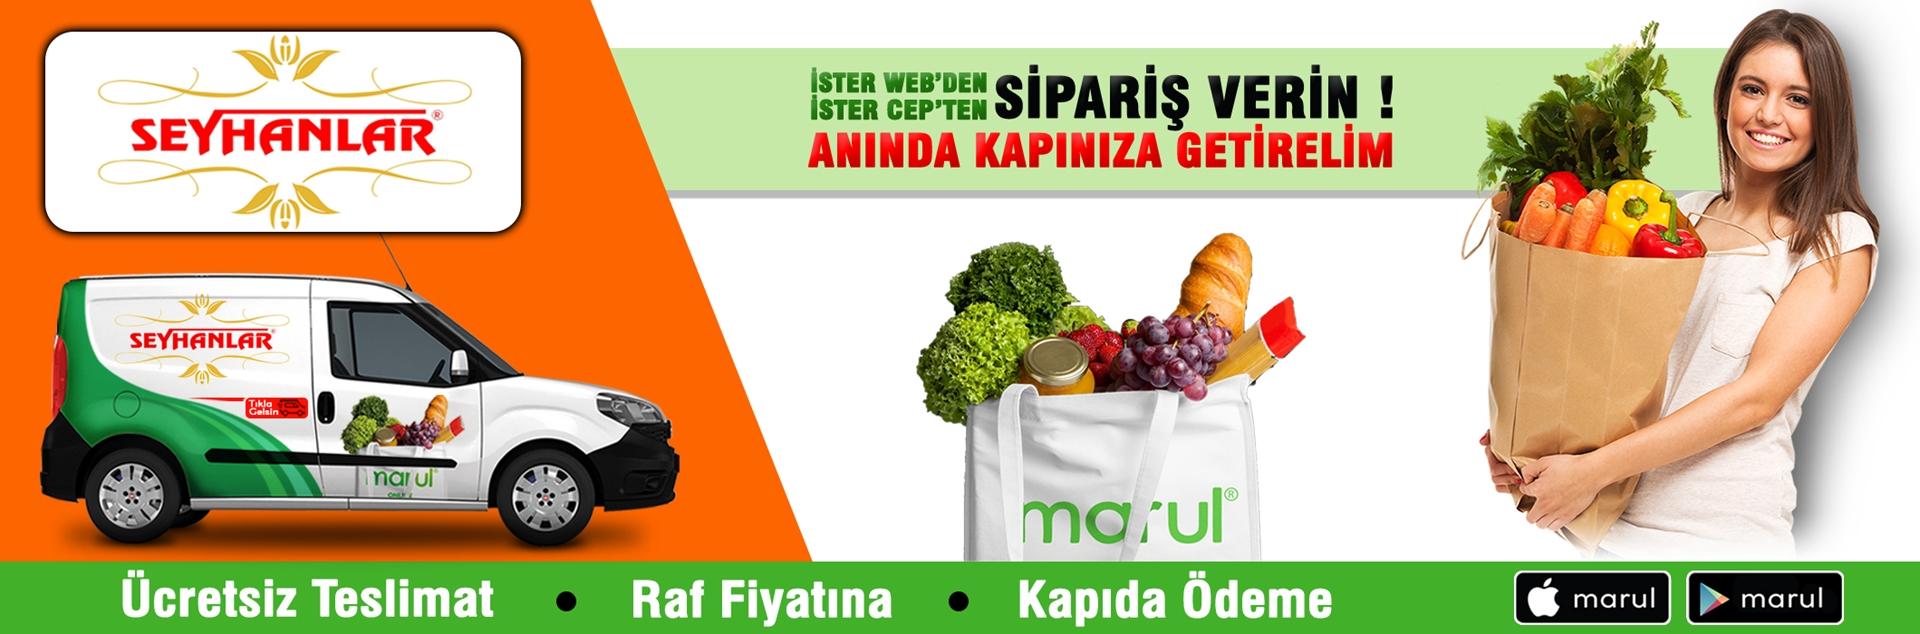 seyhanlar market online market siparişi göztepe şubesi kadıköy